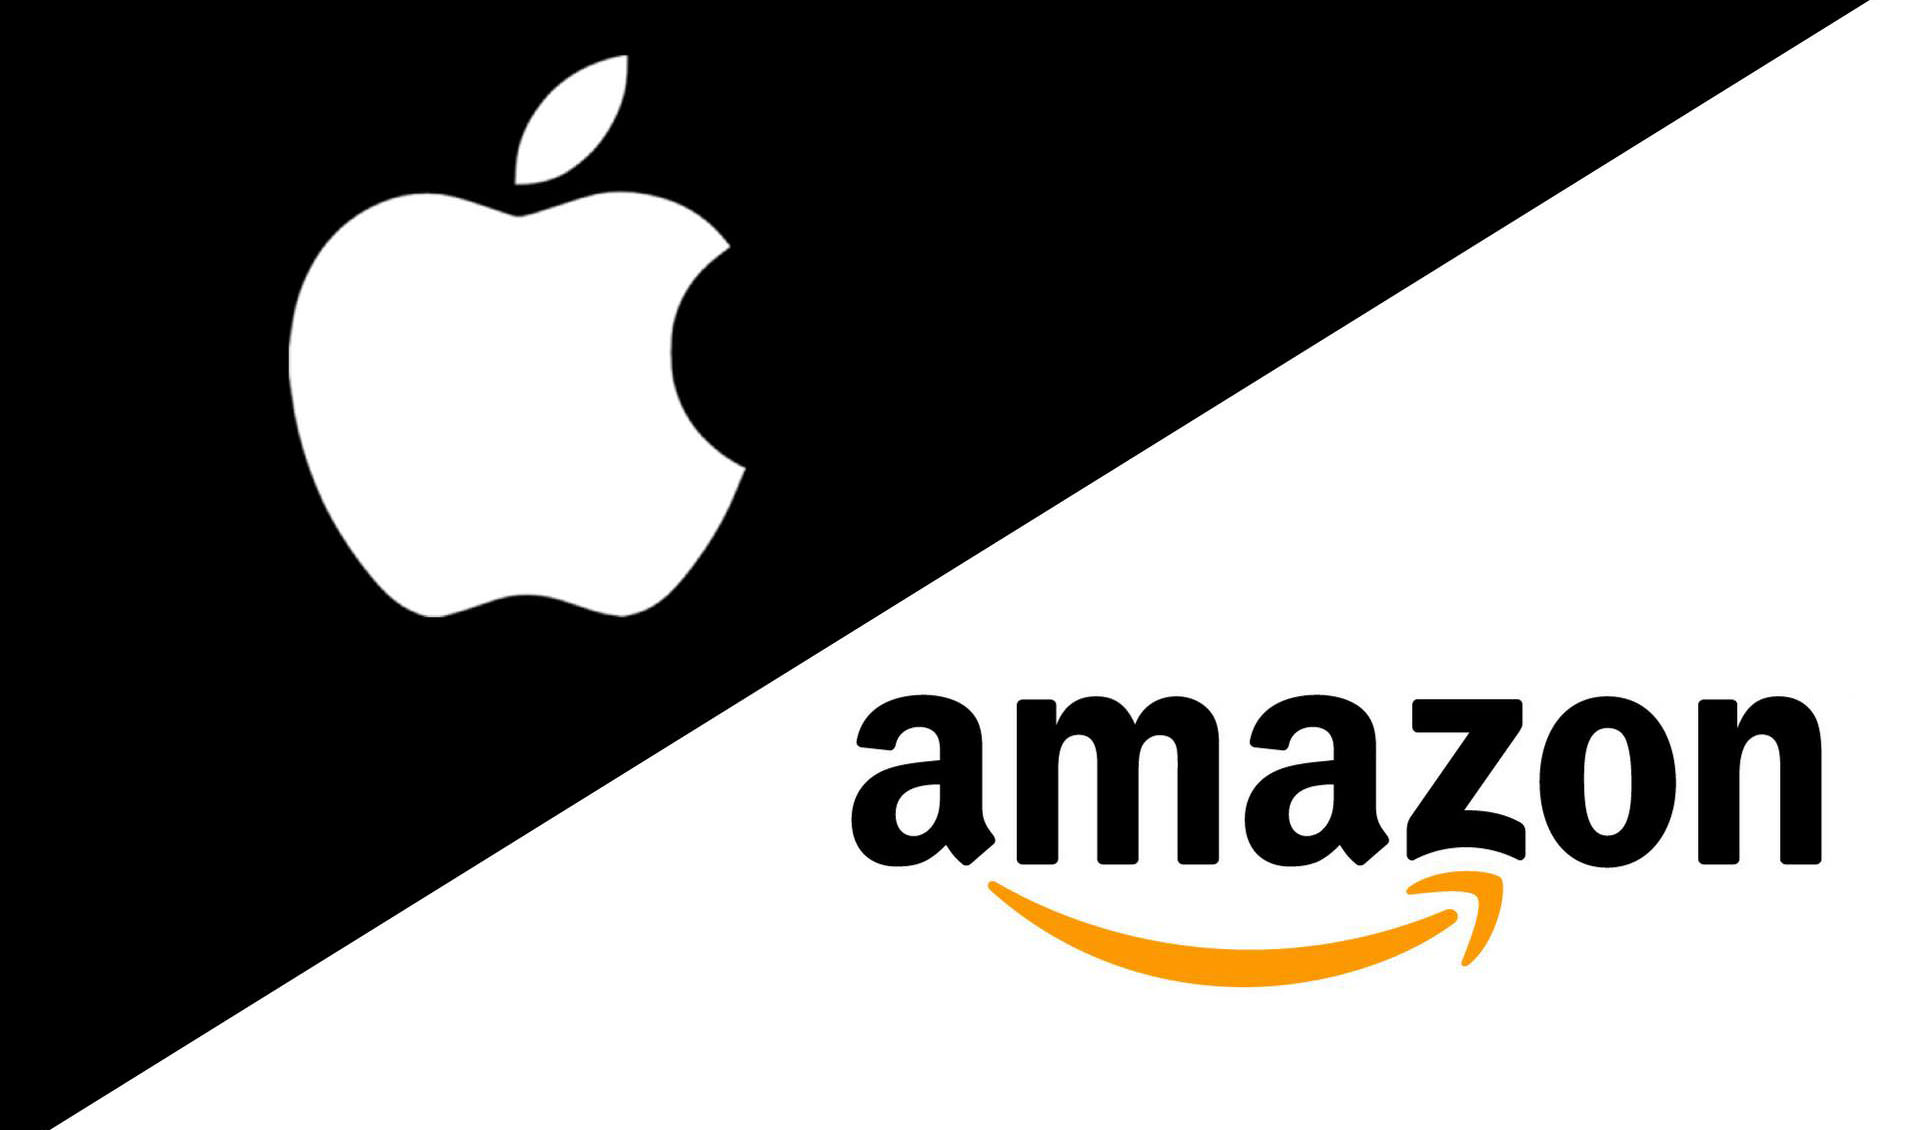 آیا سودآوری اپل از شرکت آمازون بیشتر است؟